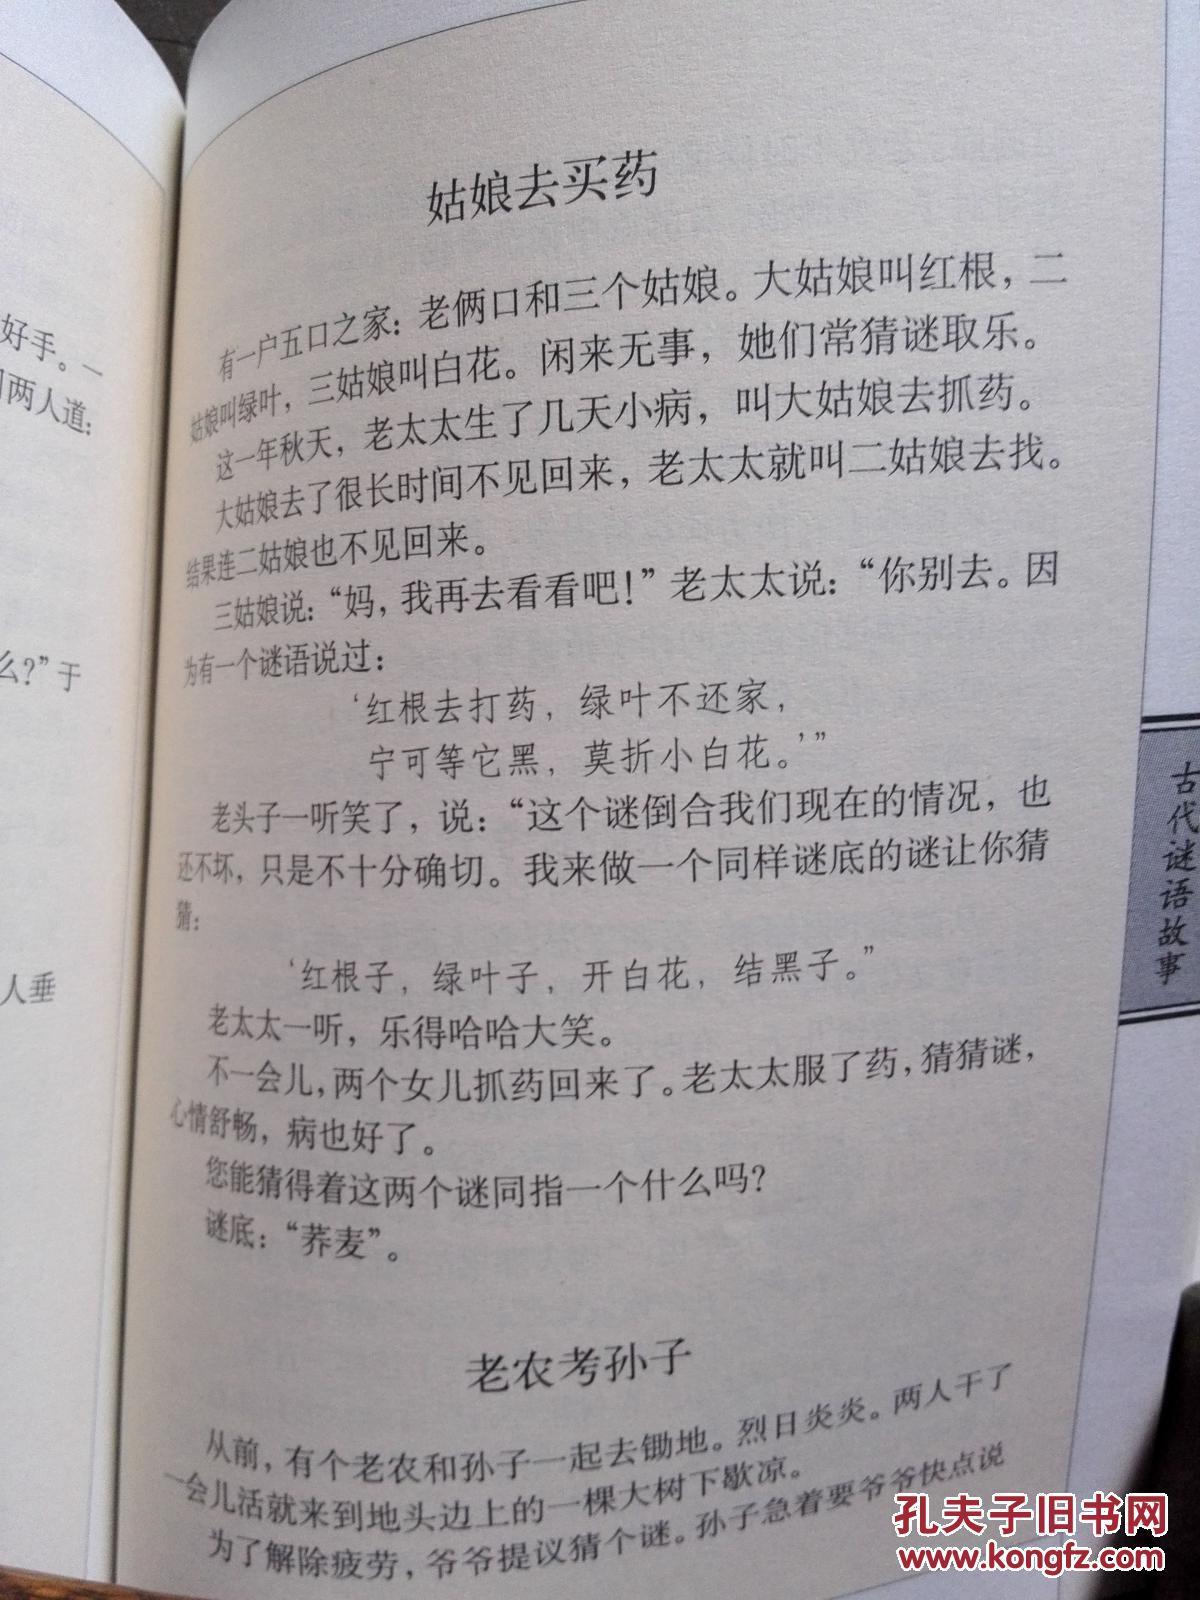 【中国传统文化文库类型】中国古代情趣谜语(珍藏版)故事好什么房经典图片